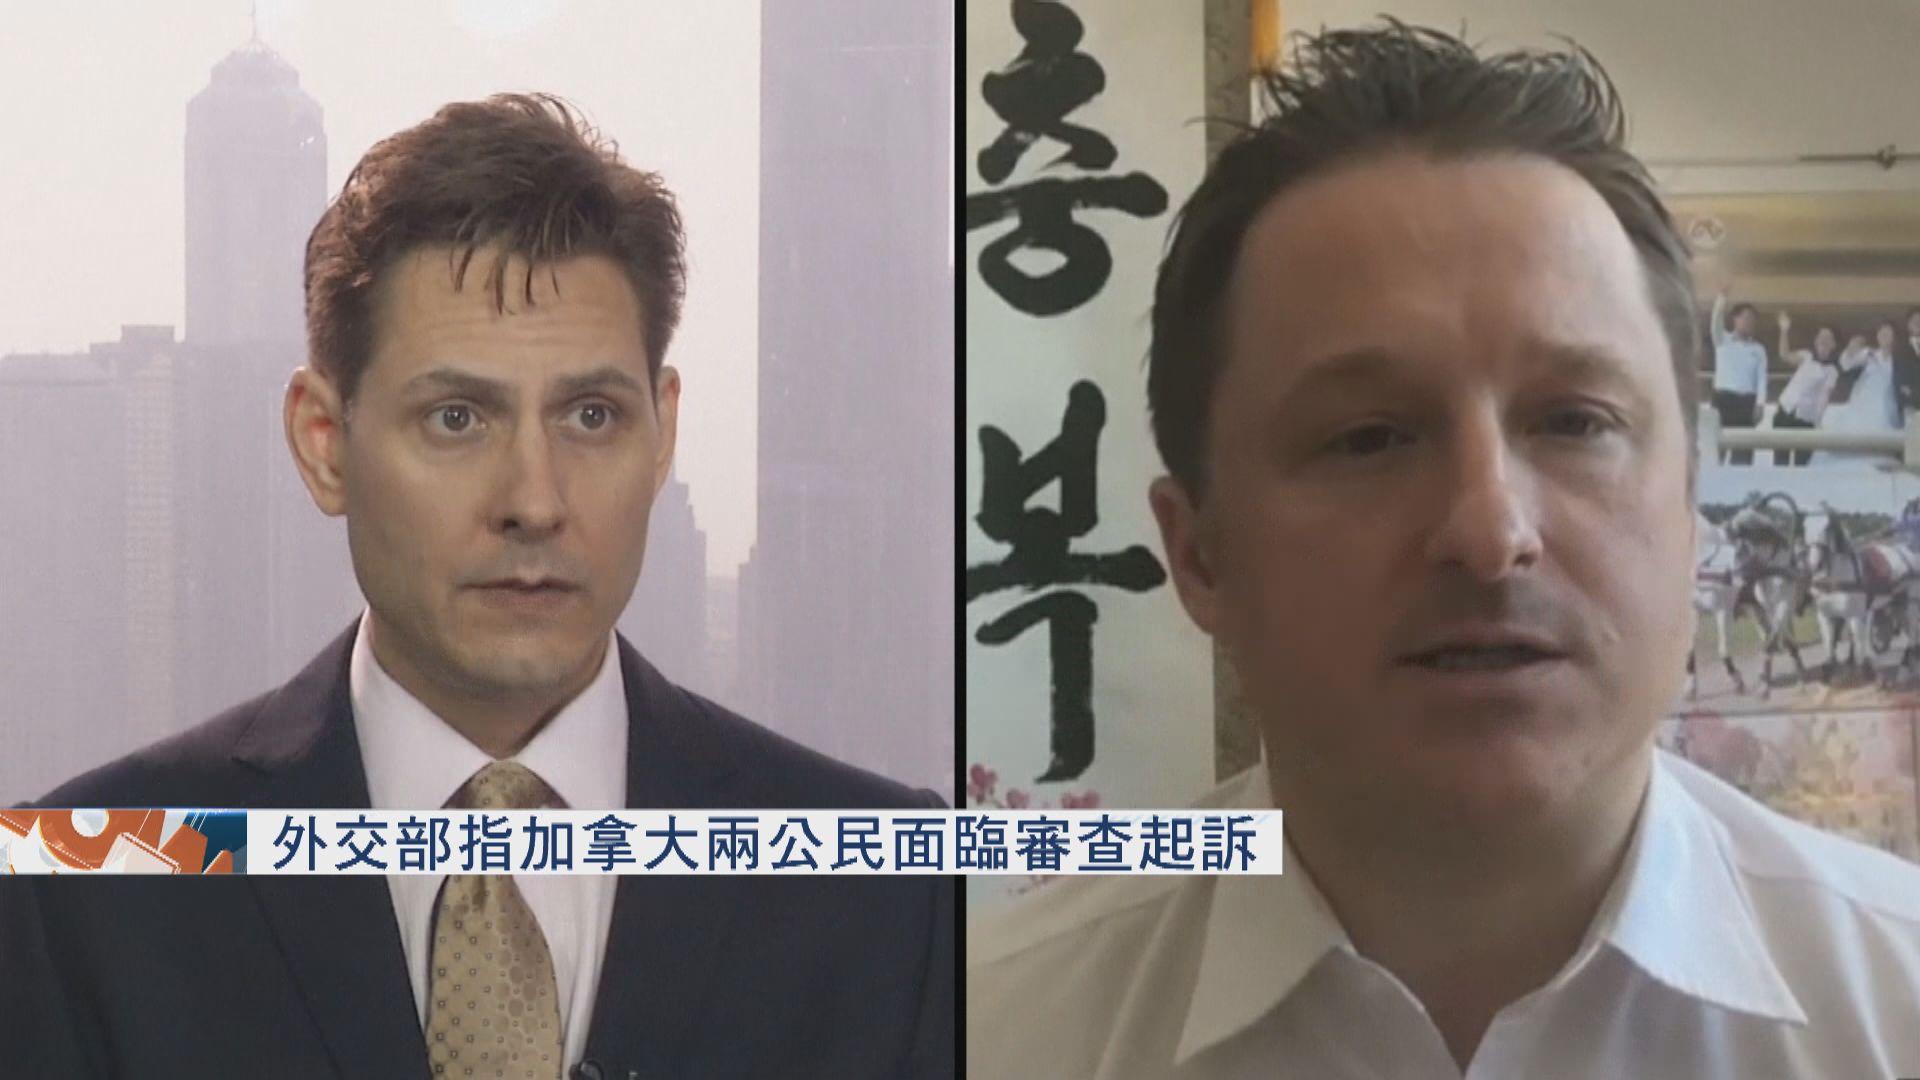 外交部指加拿大兩公民面臨審查起訴